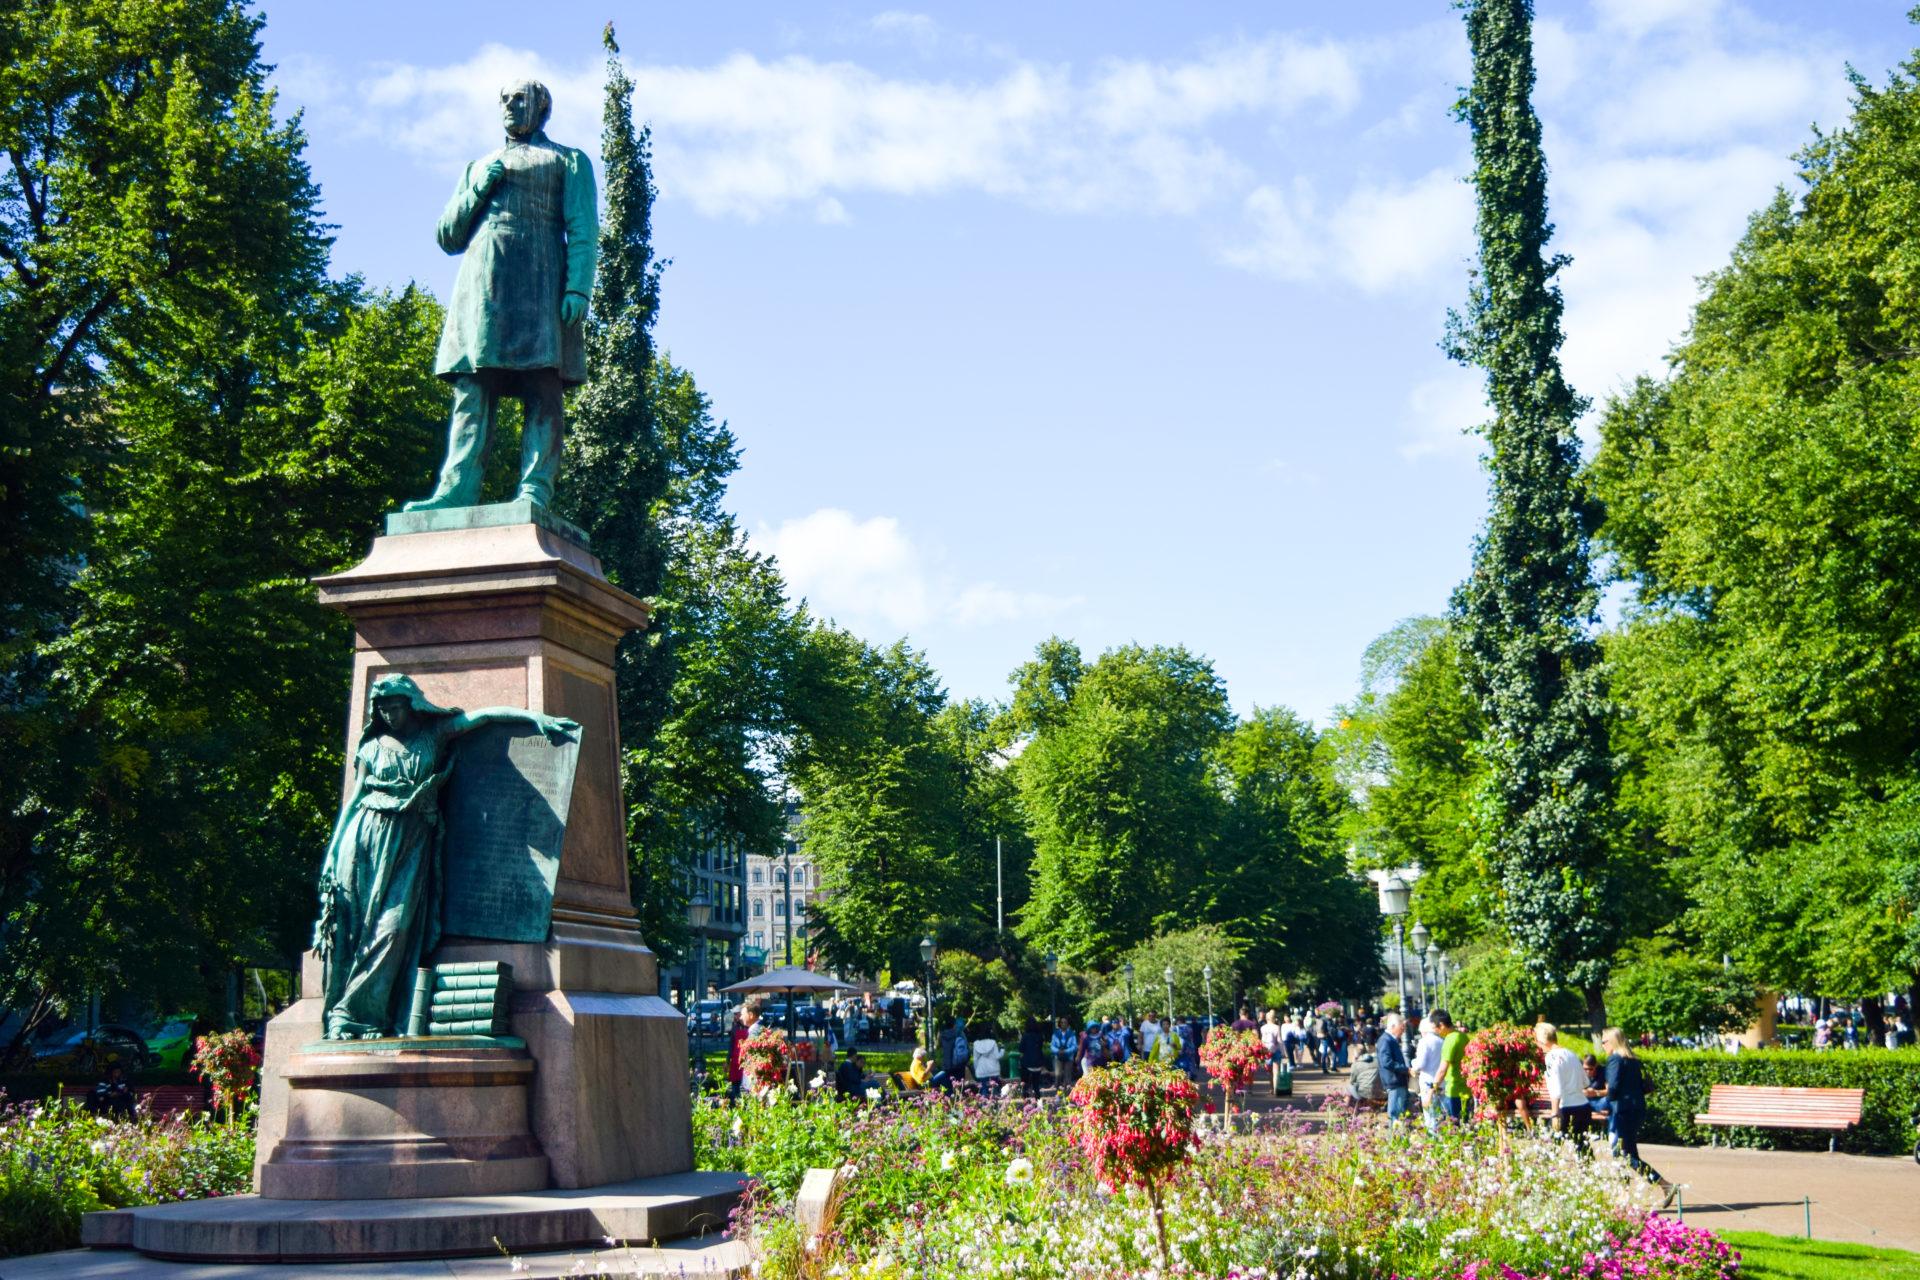 Памятник поэтуЛюдвигу Рунебергу - парк Эспланада, Хельсинки.